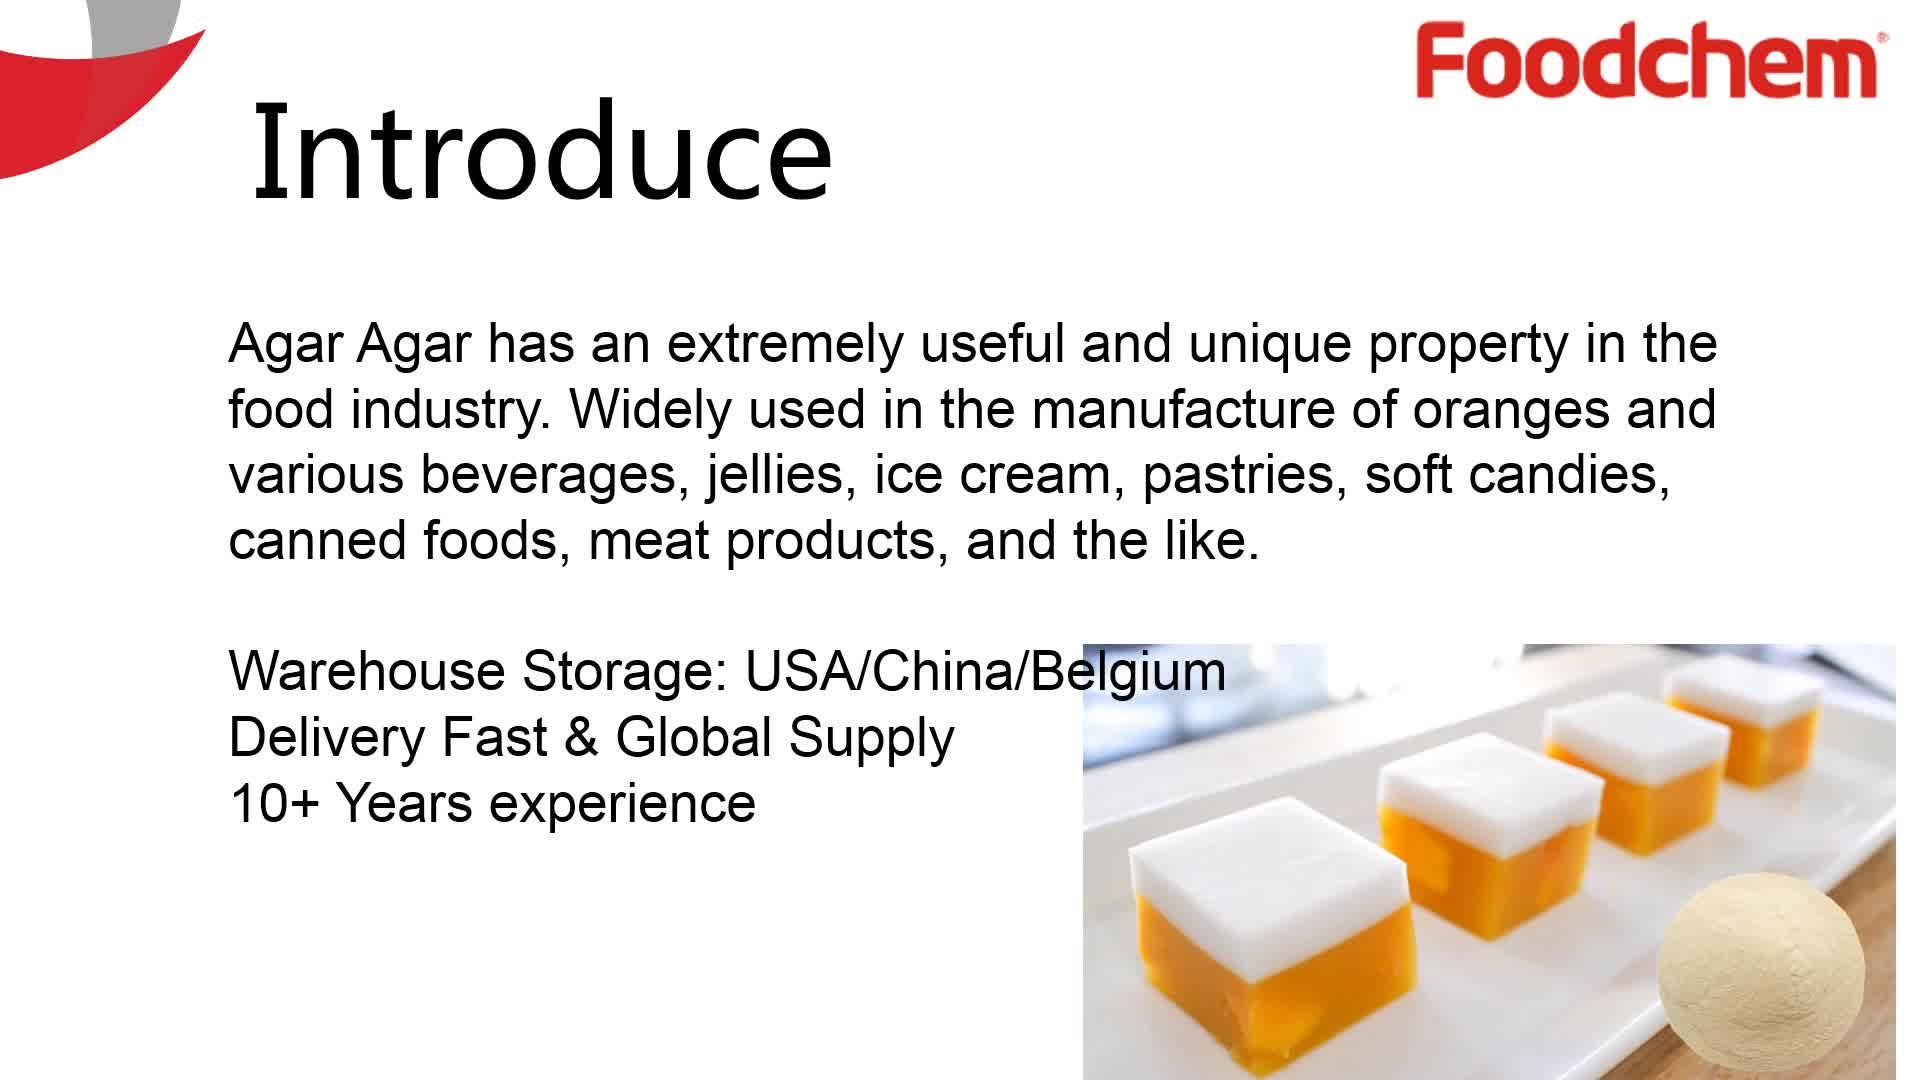 miglior prezzo e406 produttori di agar agar